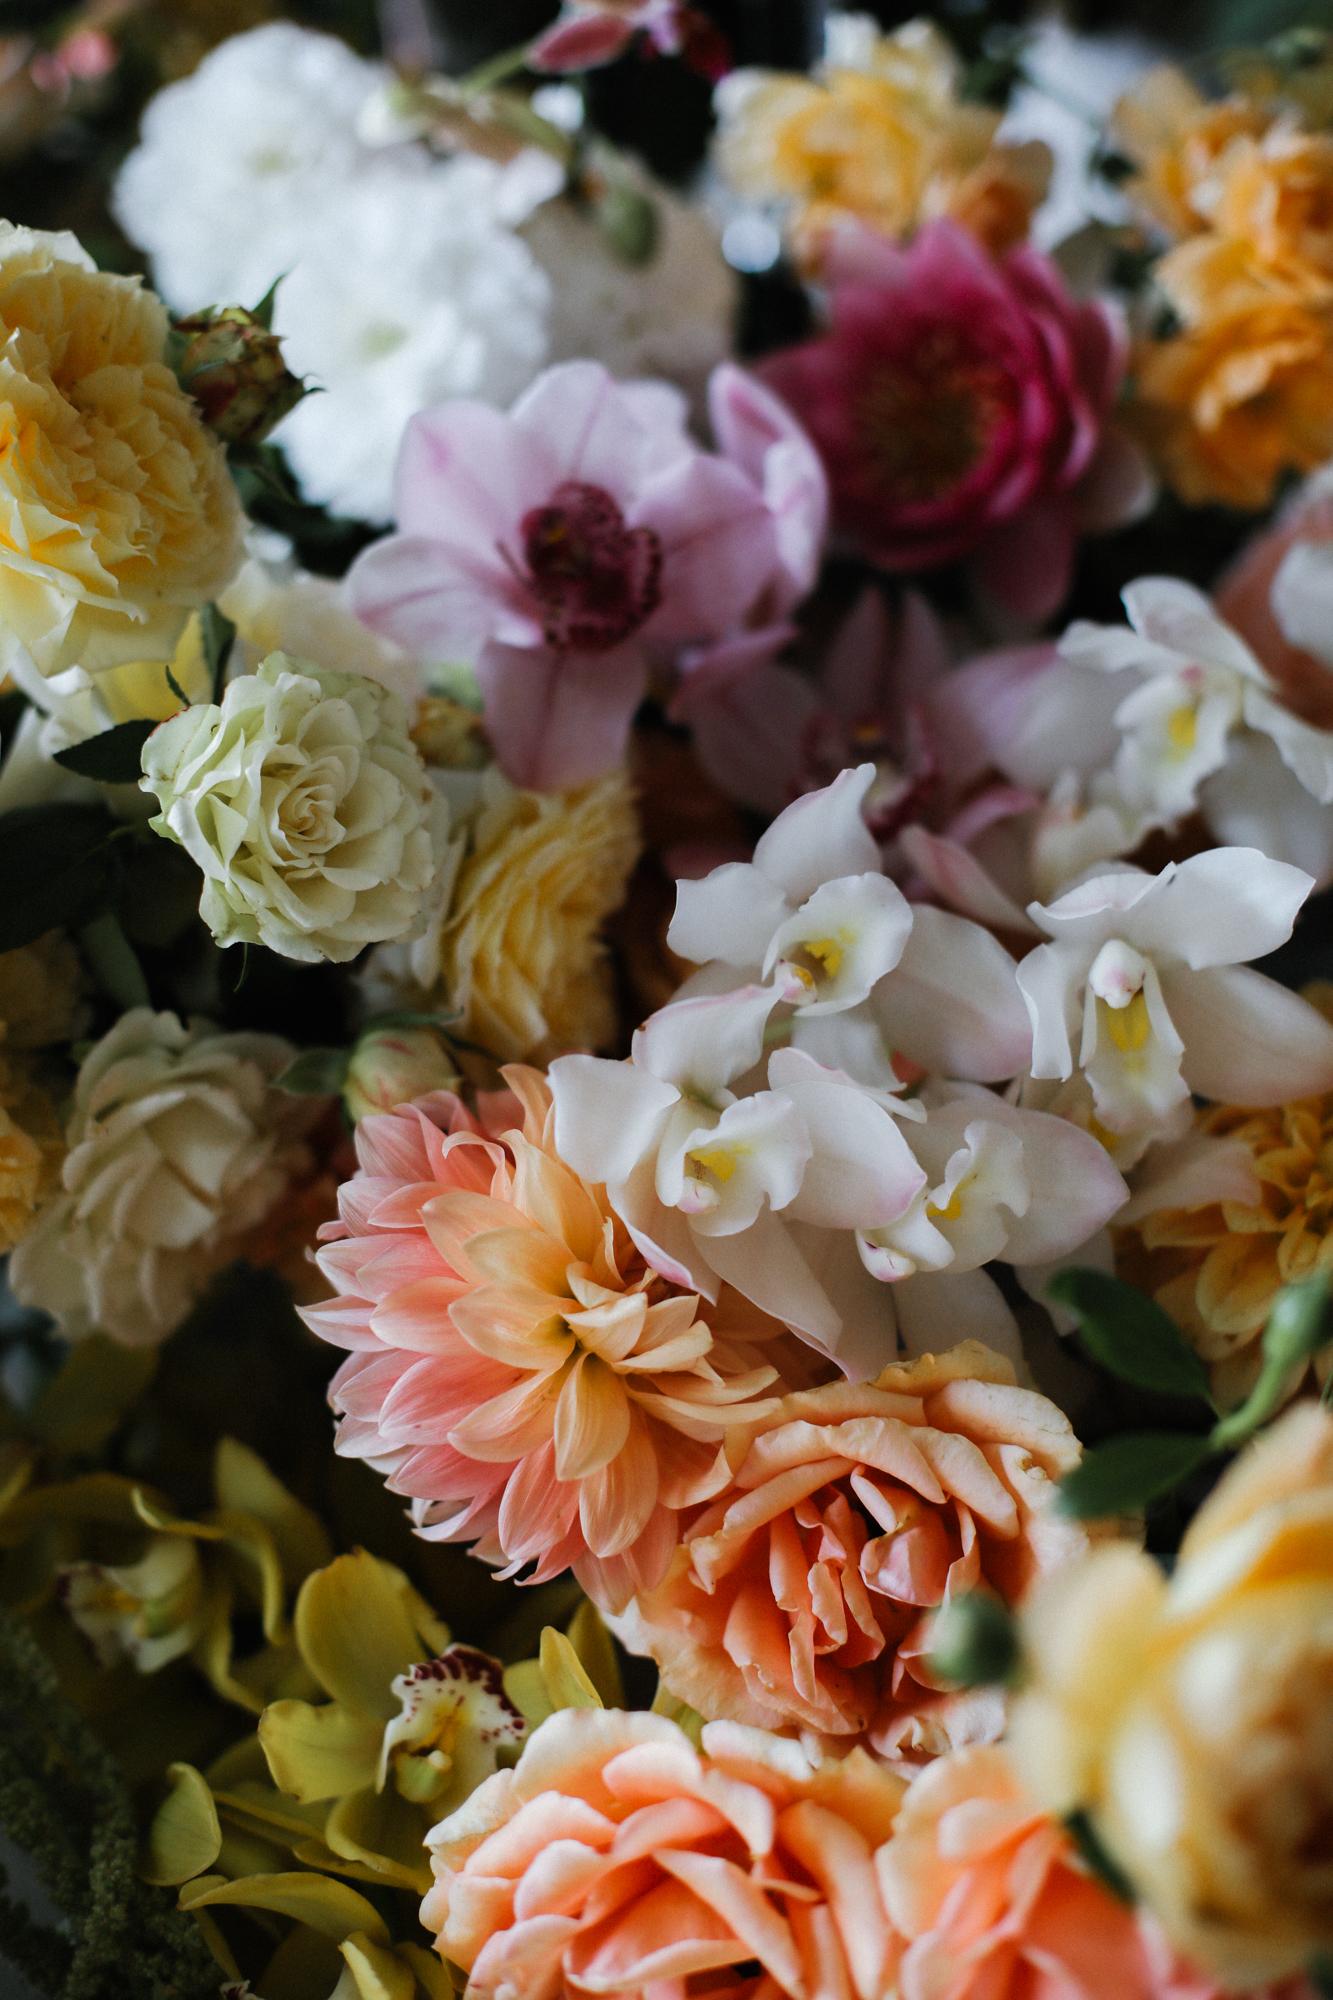 Flowers in a Vase-176.jpg